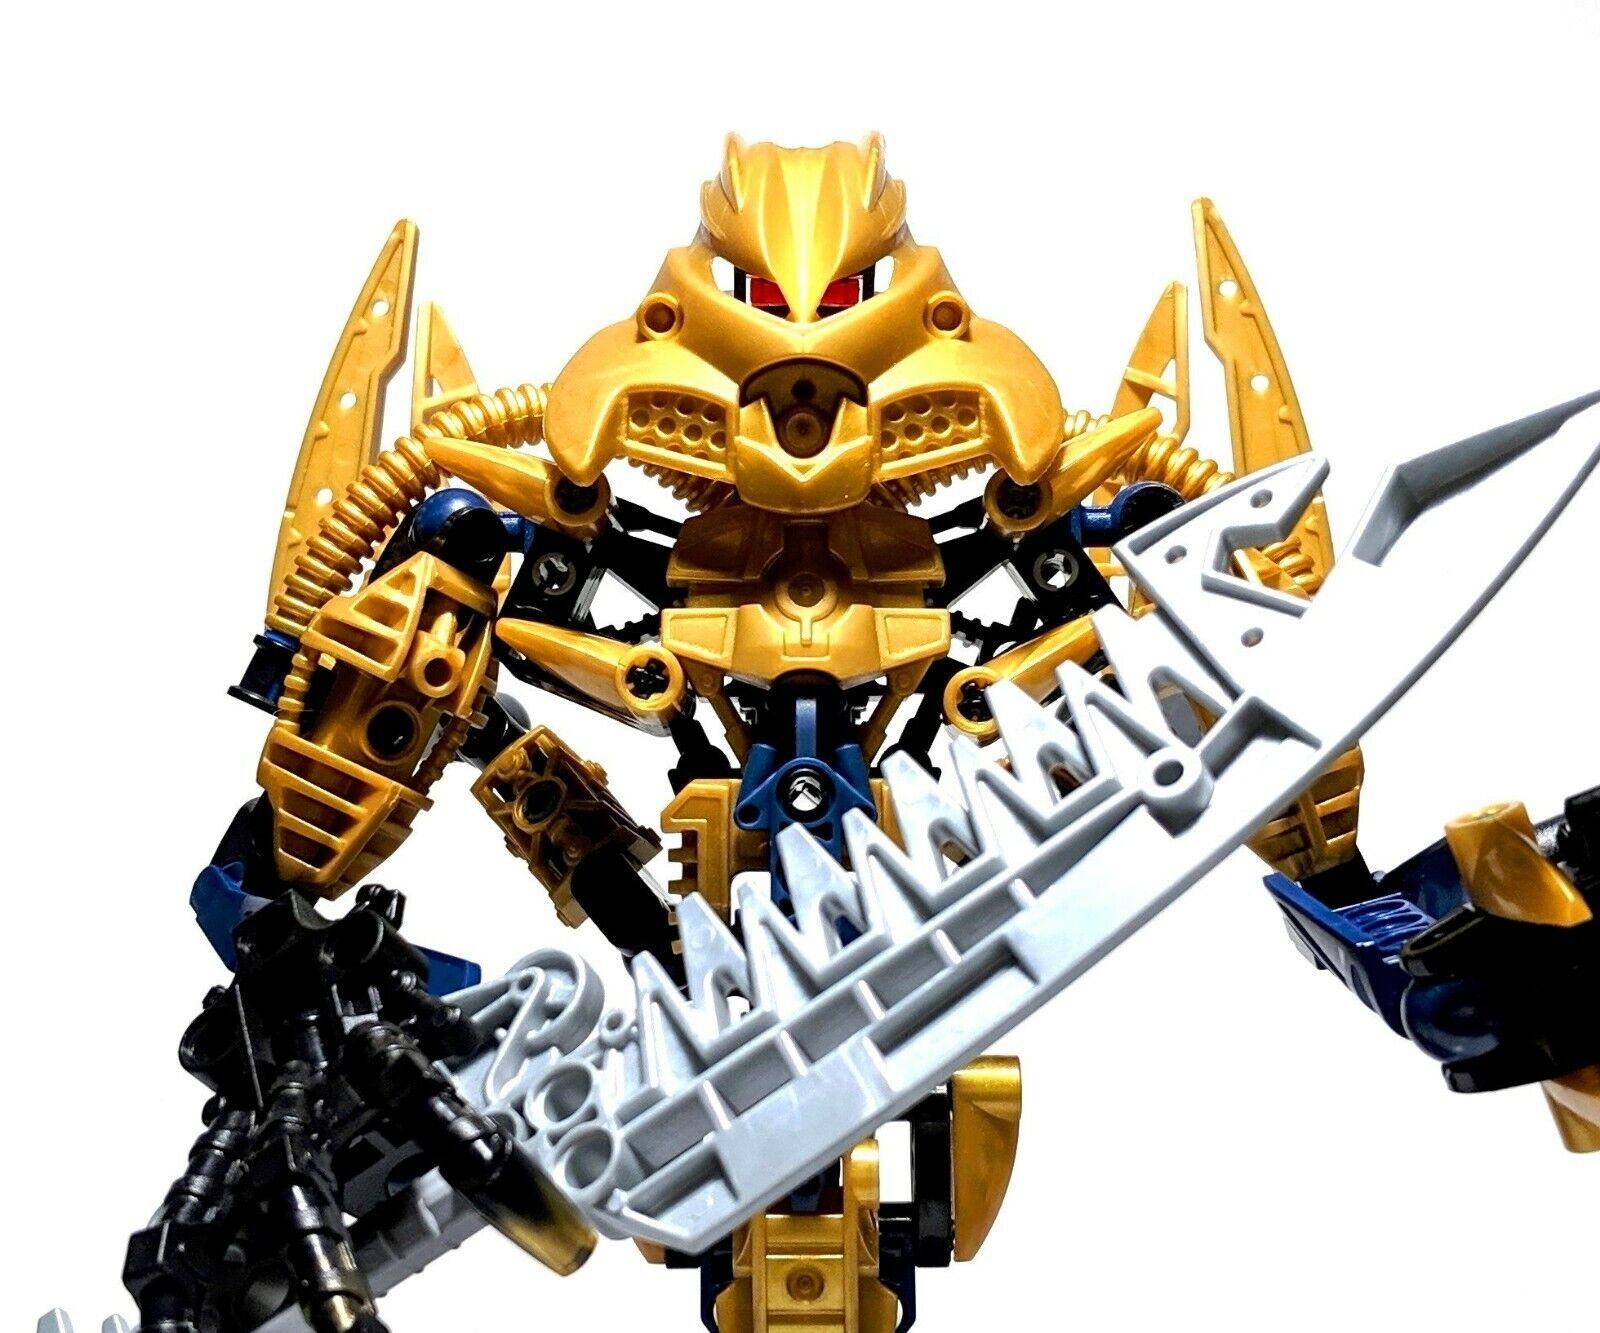 LEGO Bionicle Warriors 8734  Brutaka (complete)